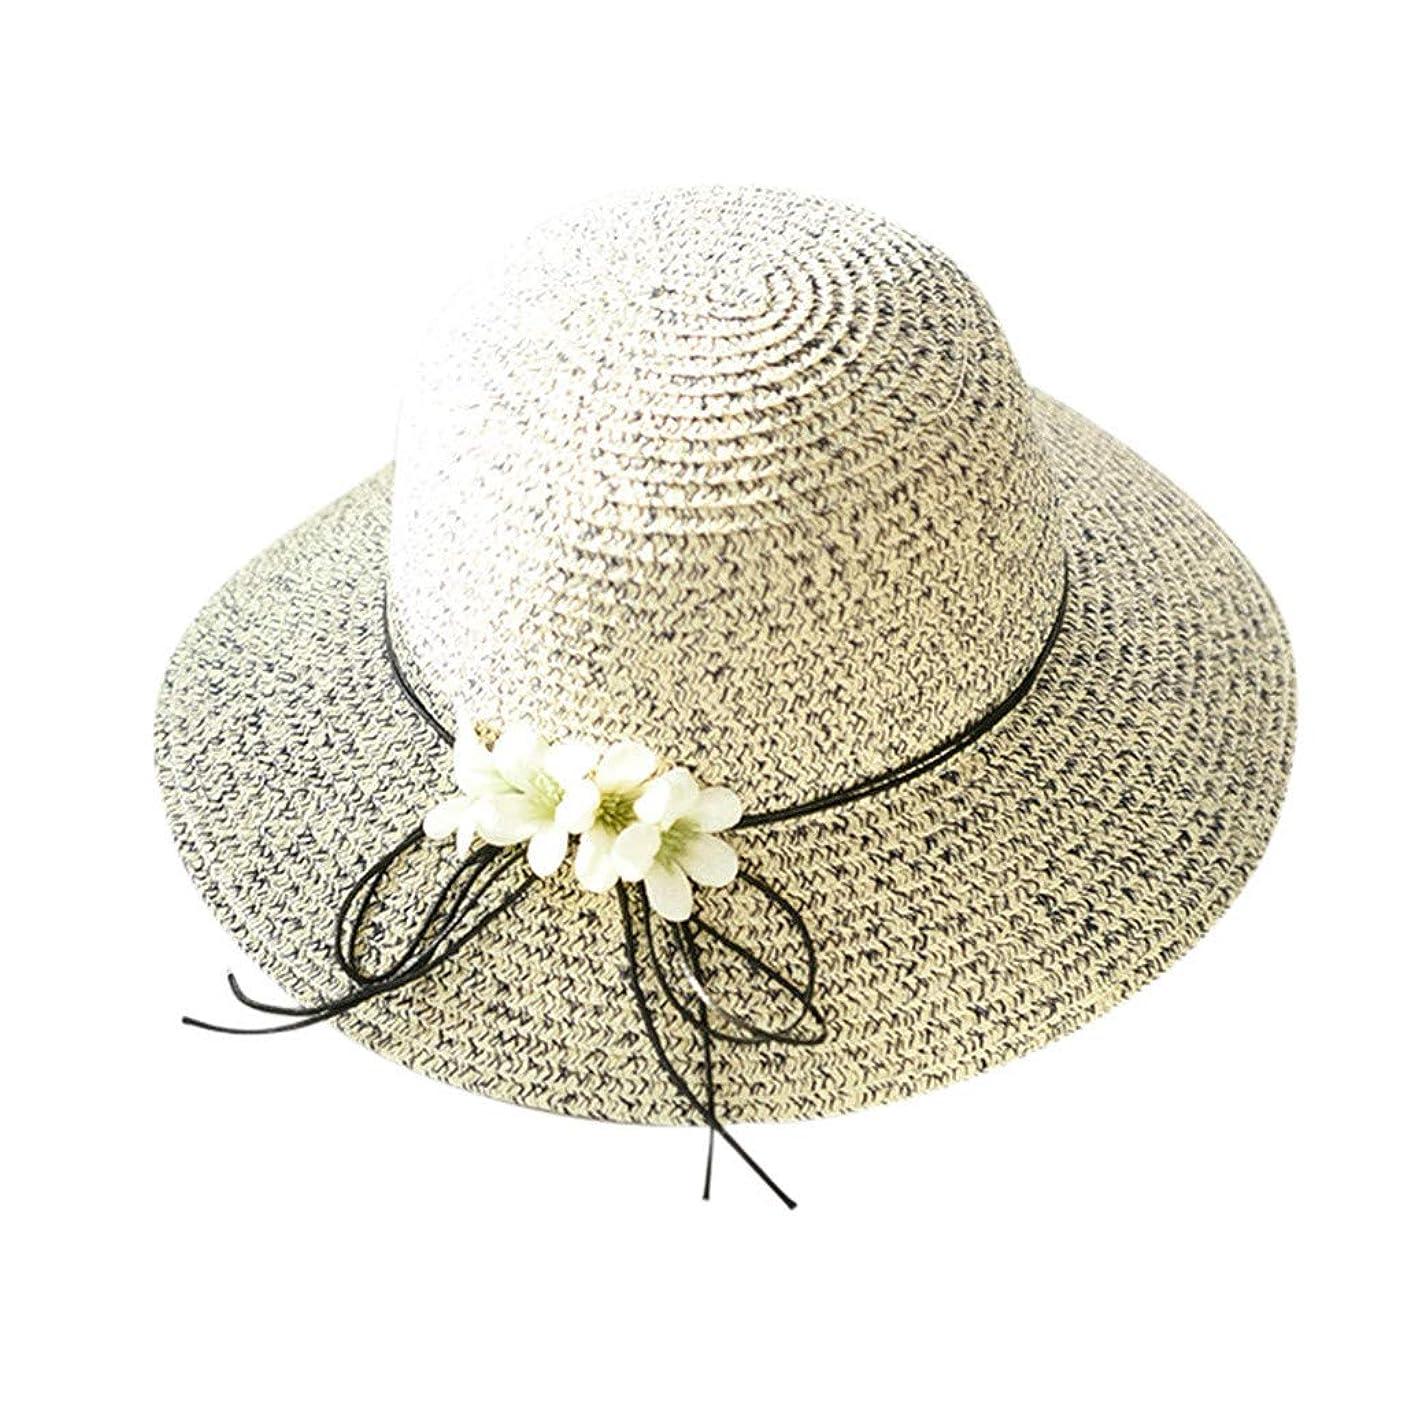 結果としてビタミン黒帽子 レディース 夏 おしゃれ トレンド ファッション エレガント UVカット 帽子 ハット 漁師帽 ワイルド 帽子 レディース 大きいサイズ 森ガール 蝶結び 無地 ビーチ 海辺 かわいい ROSE ROMAN